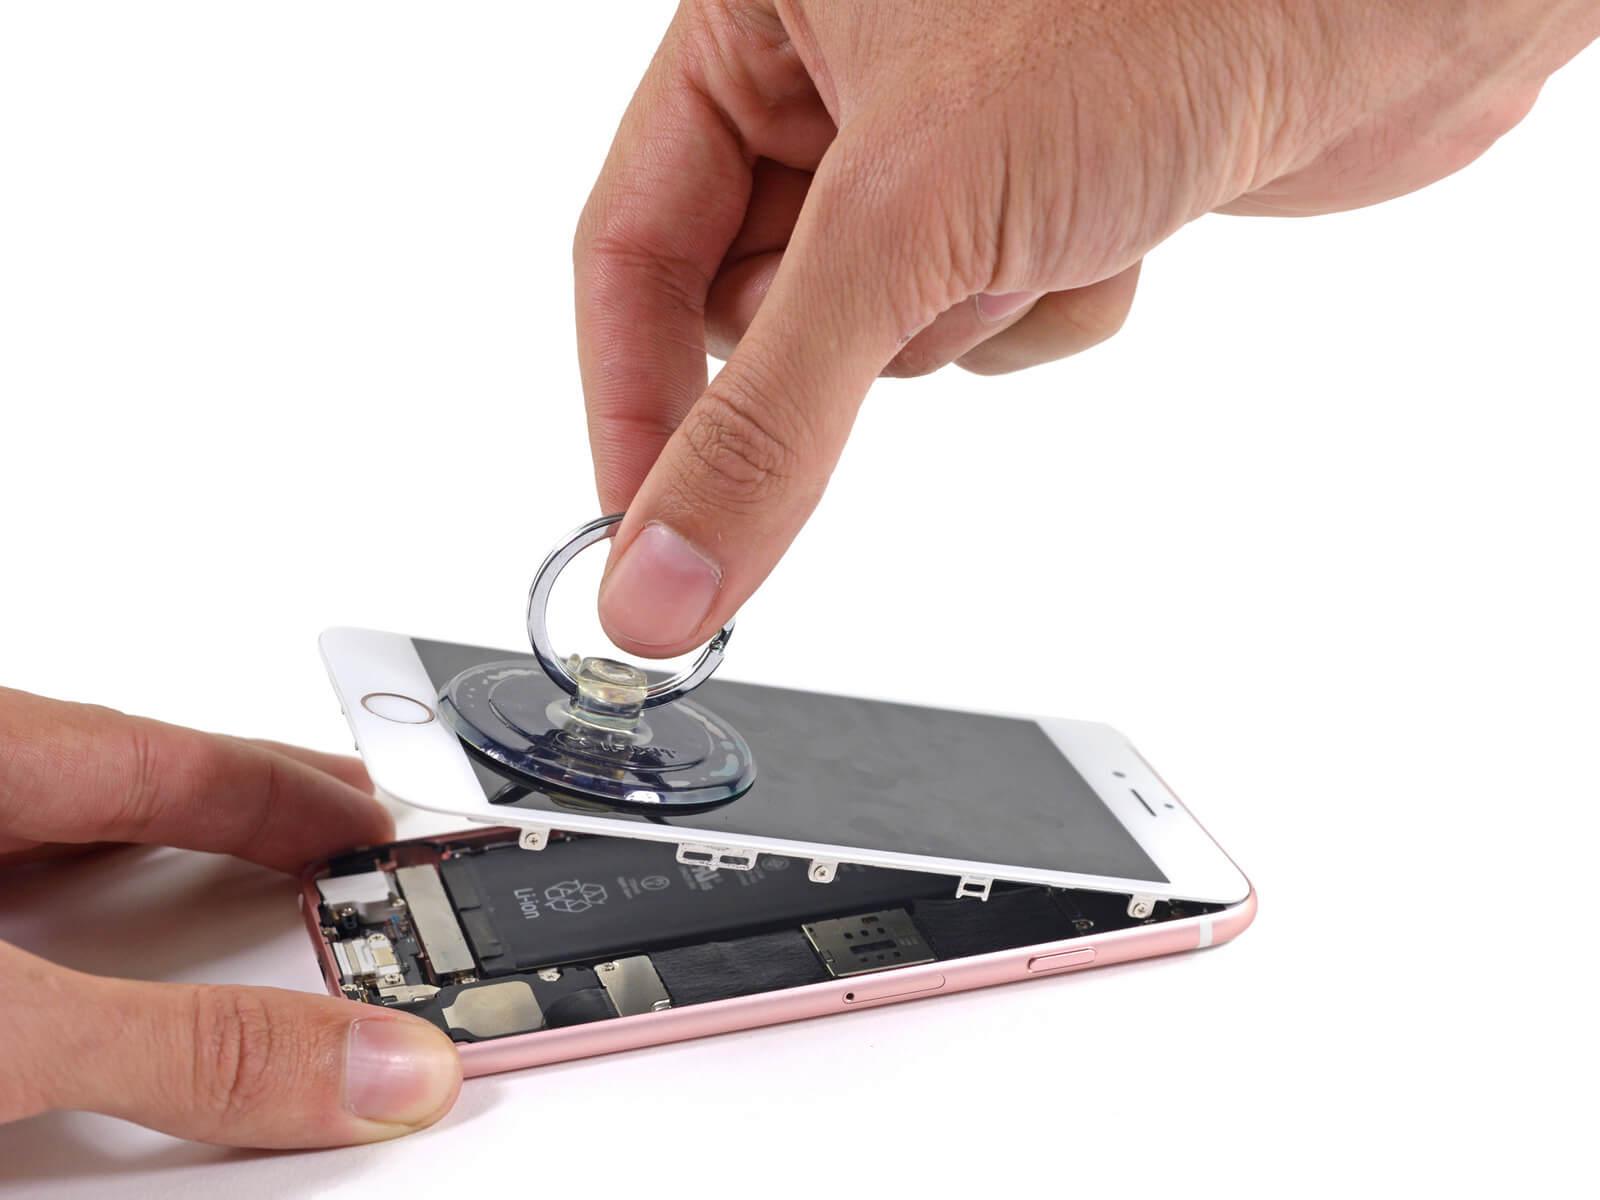 рекламные поменять картинки на телефоне выяснили, что